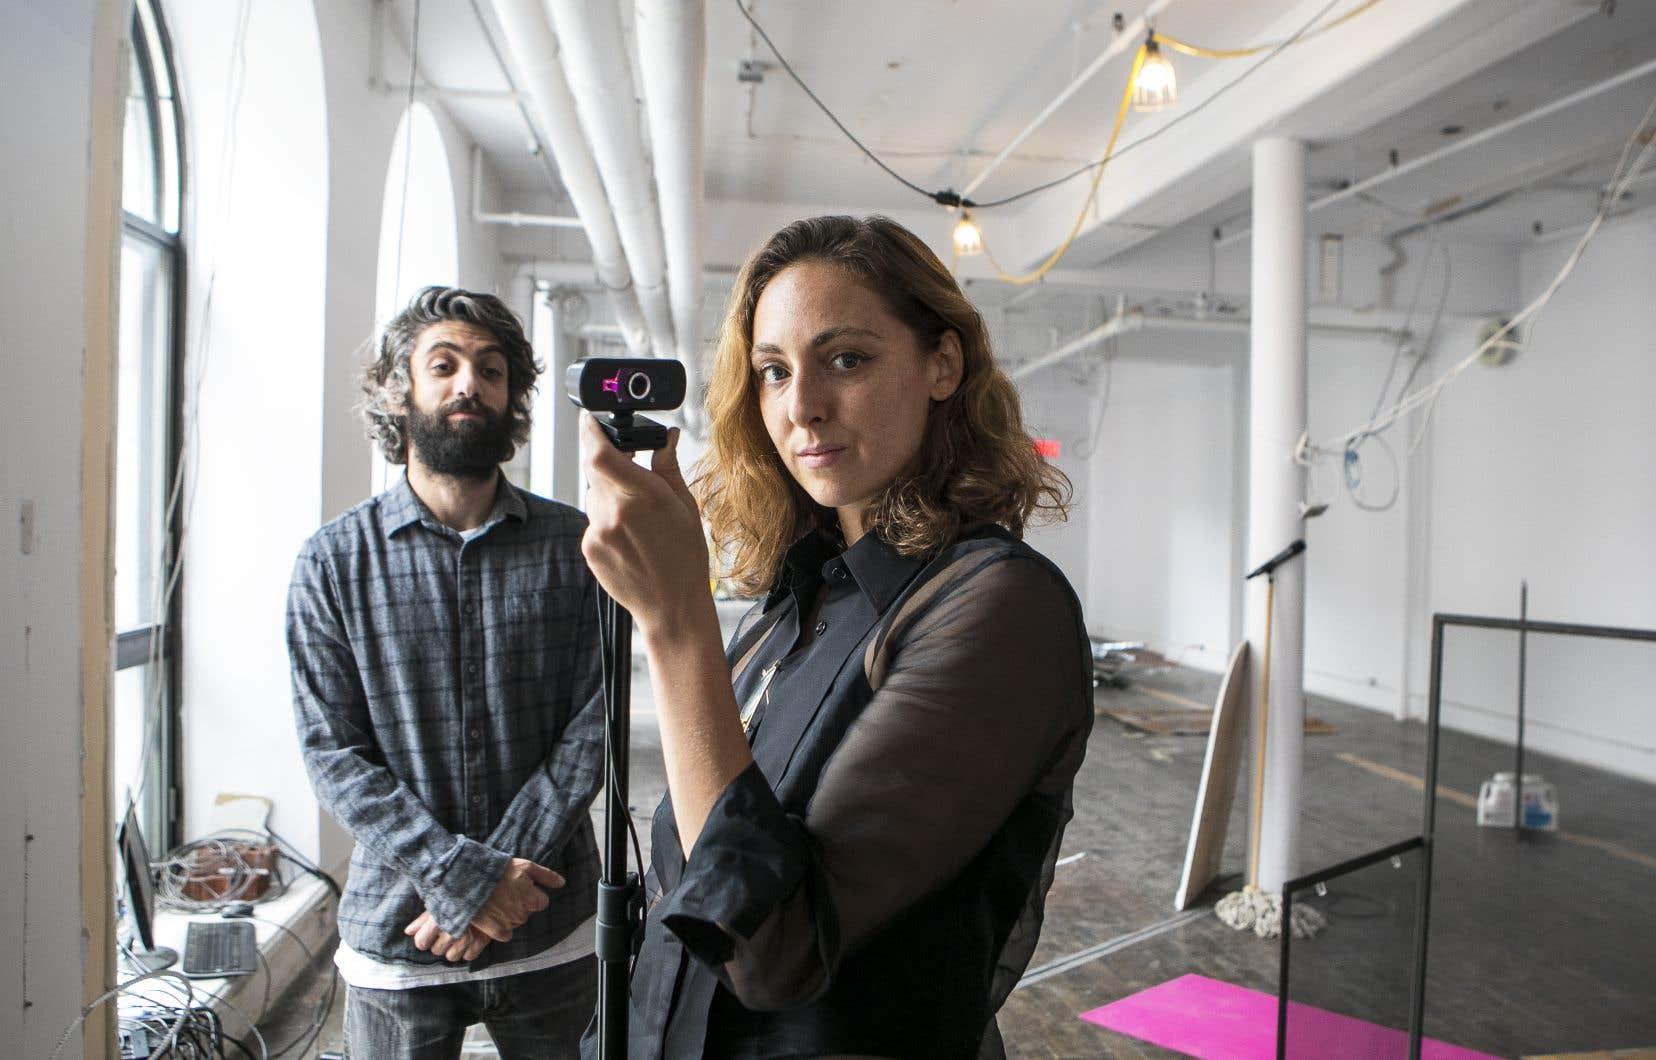 Les artistes Adam Basanta et Cristina Planas dans le nouveau lieu Espace brutale.